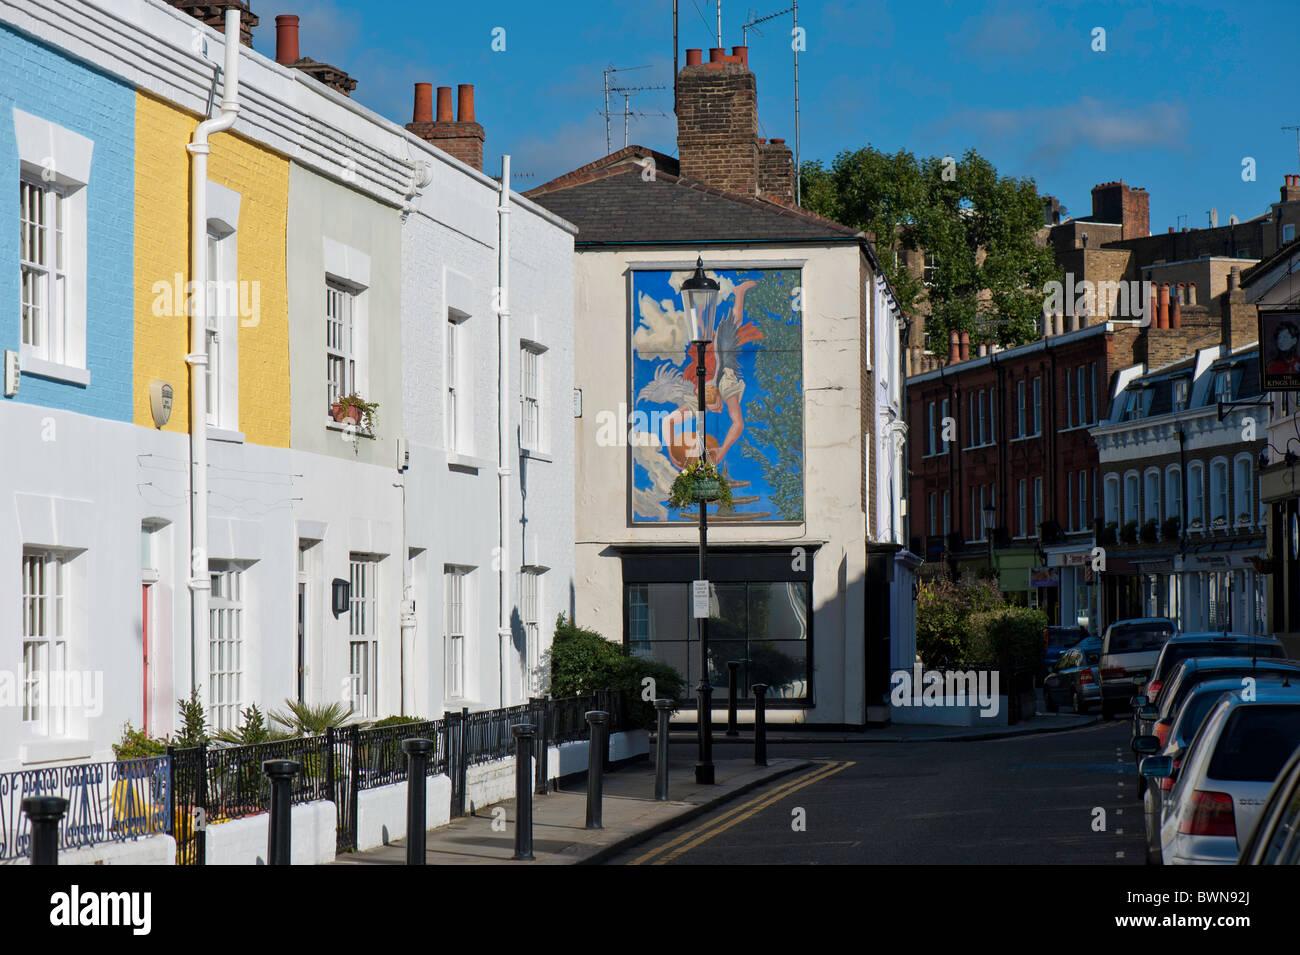 Hotels In Chelsea London Sw